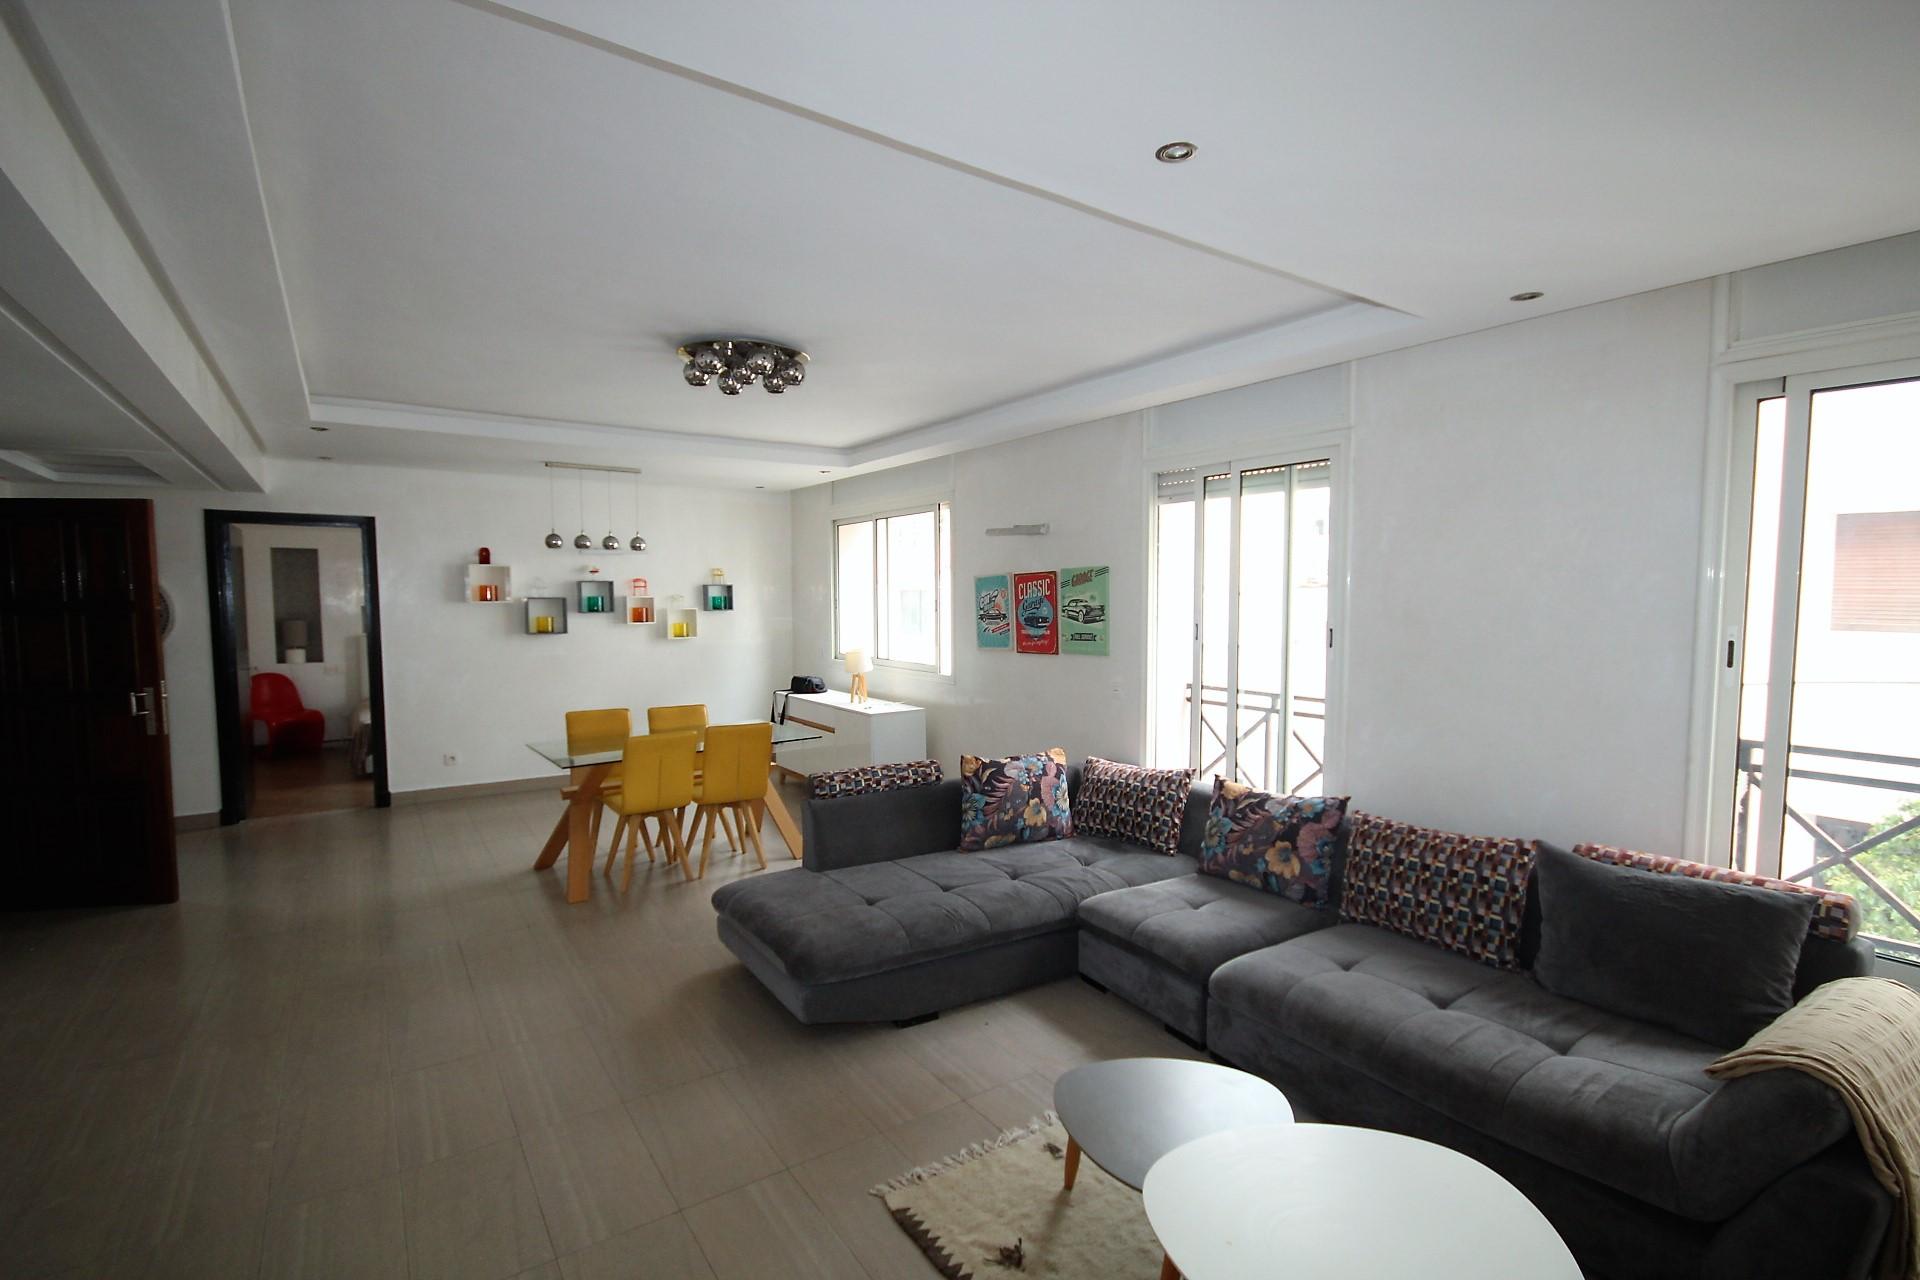 Maroc, Casablanca, cœur de Gauthier, à louer appartement moderne meublé tout confort en étage intermédiaire d'une superficie de 91 M²